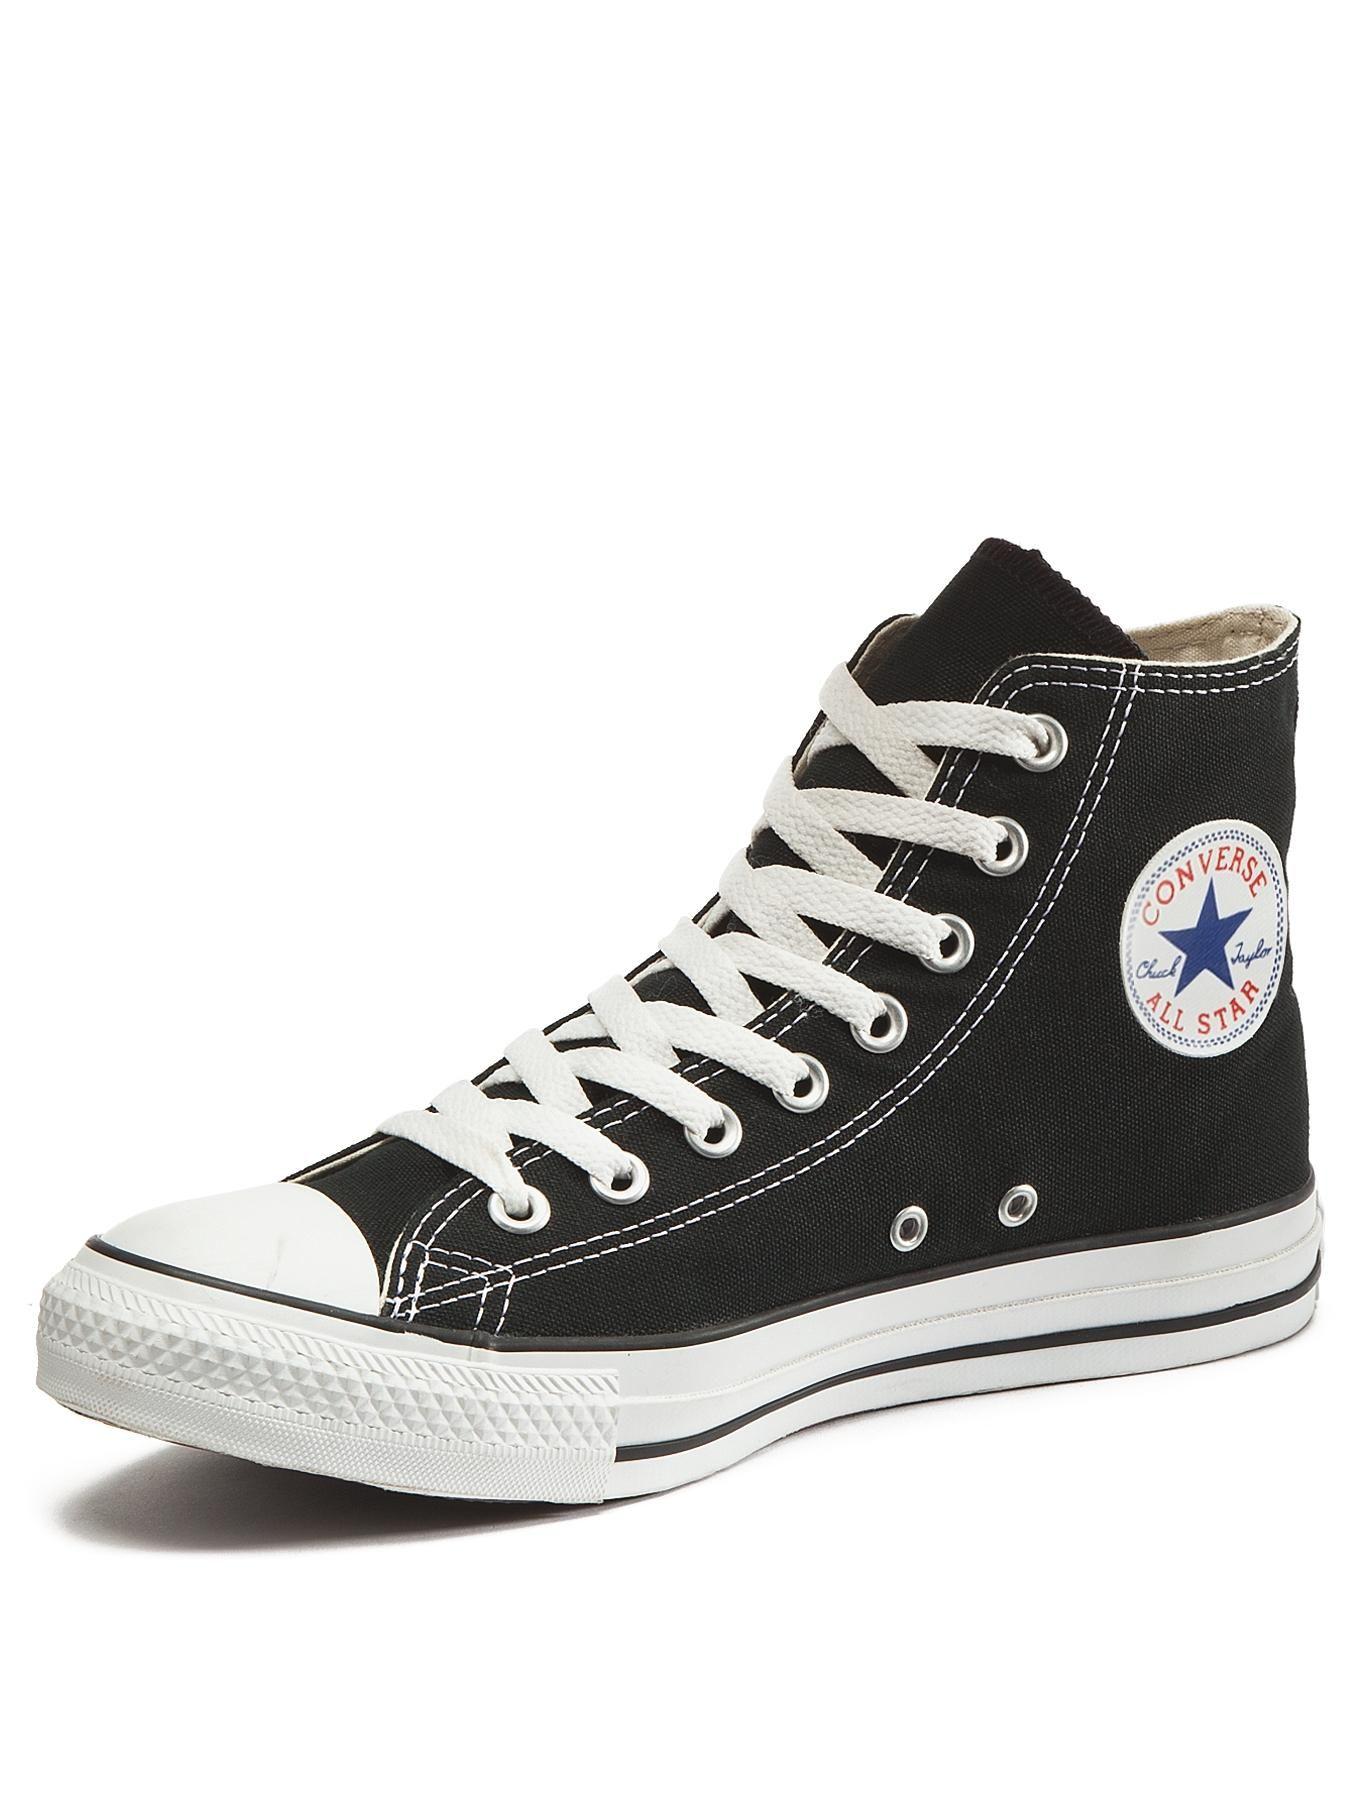 Converse Chuck Taylor All Stars Hi Top Plimsolls - Black  cb559b8d0